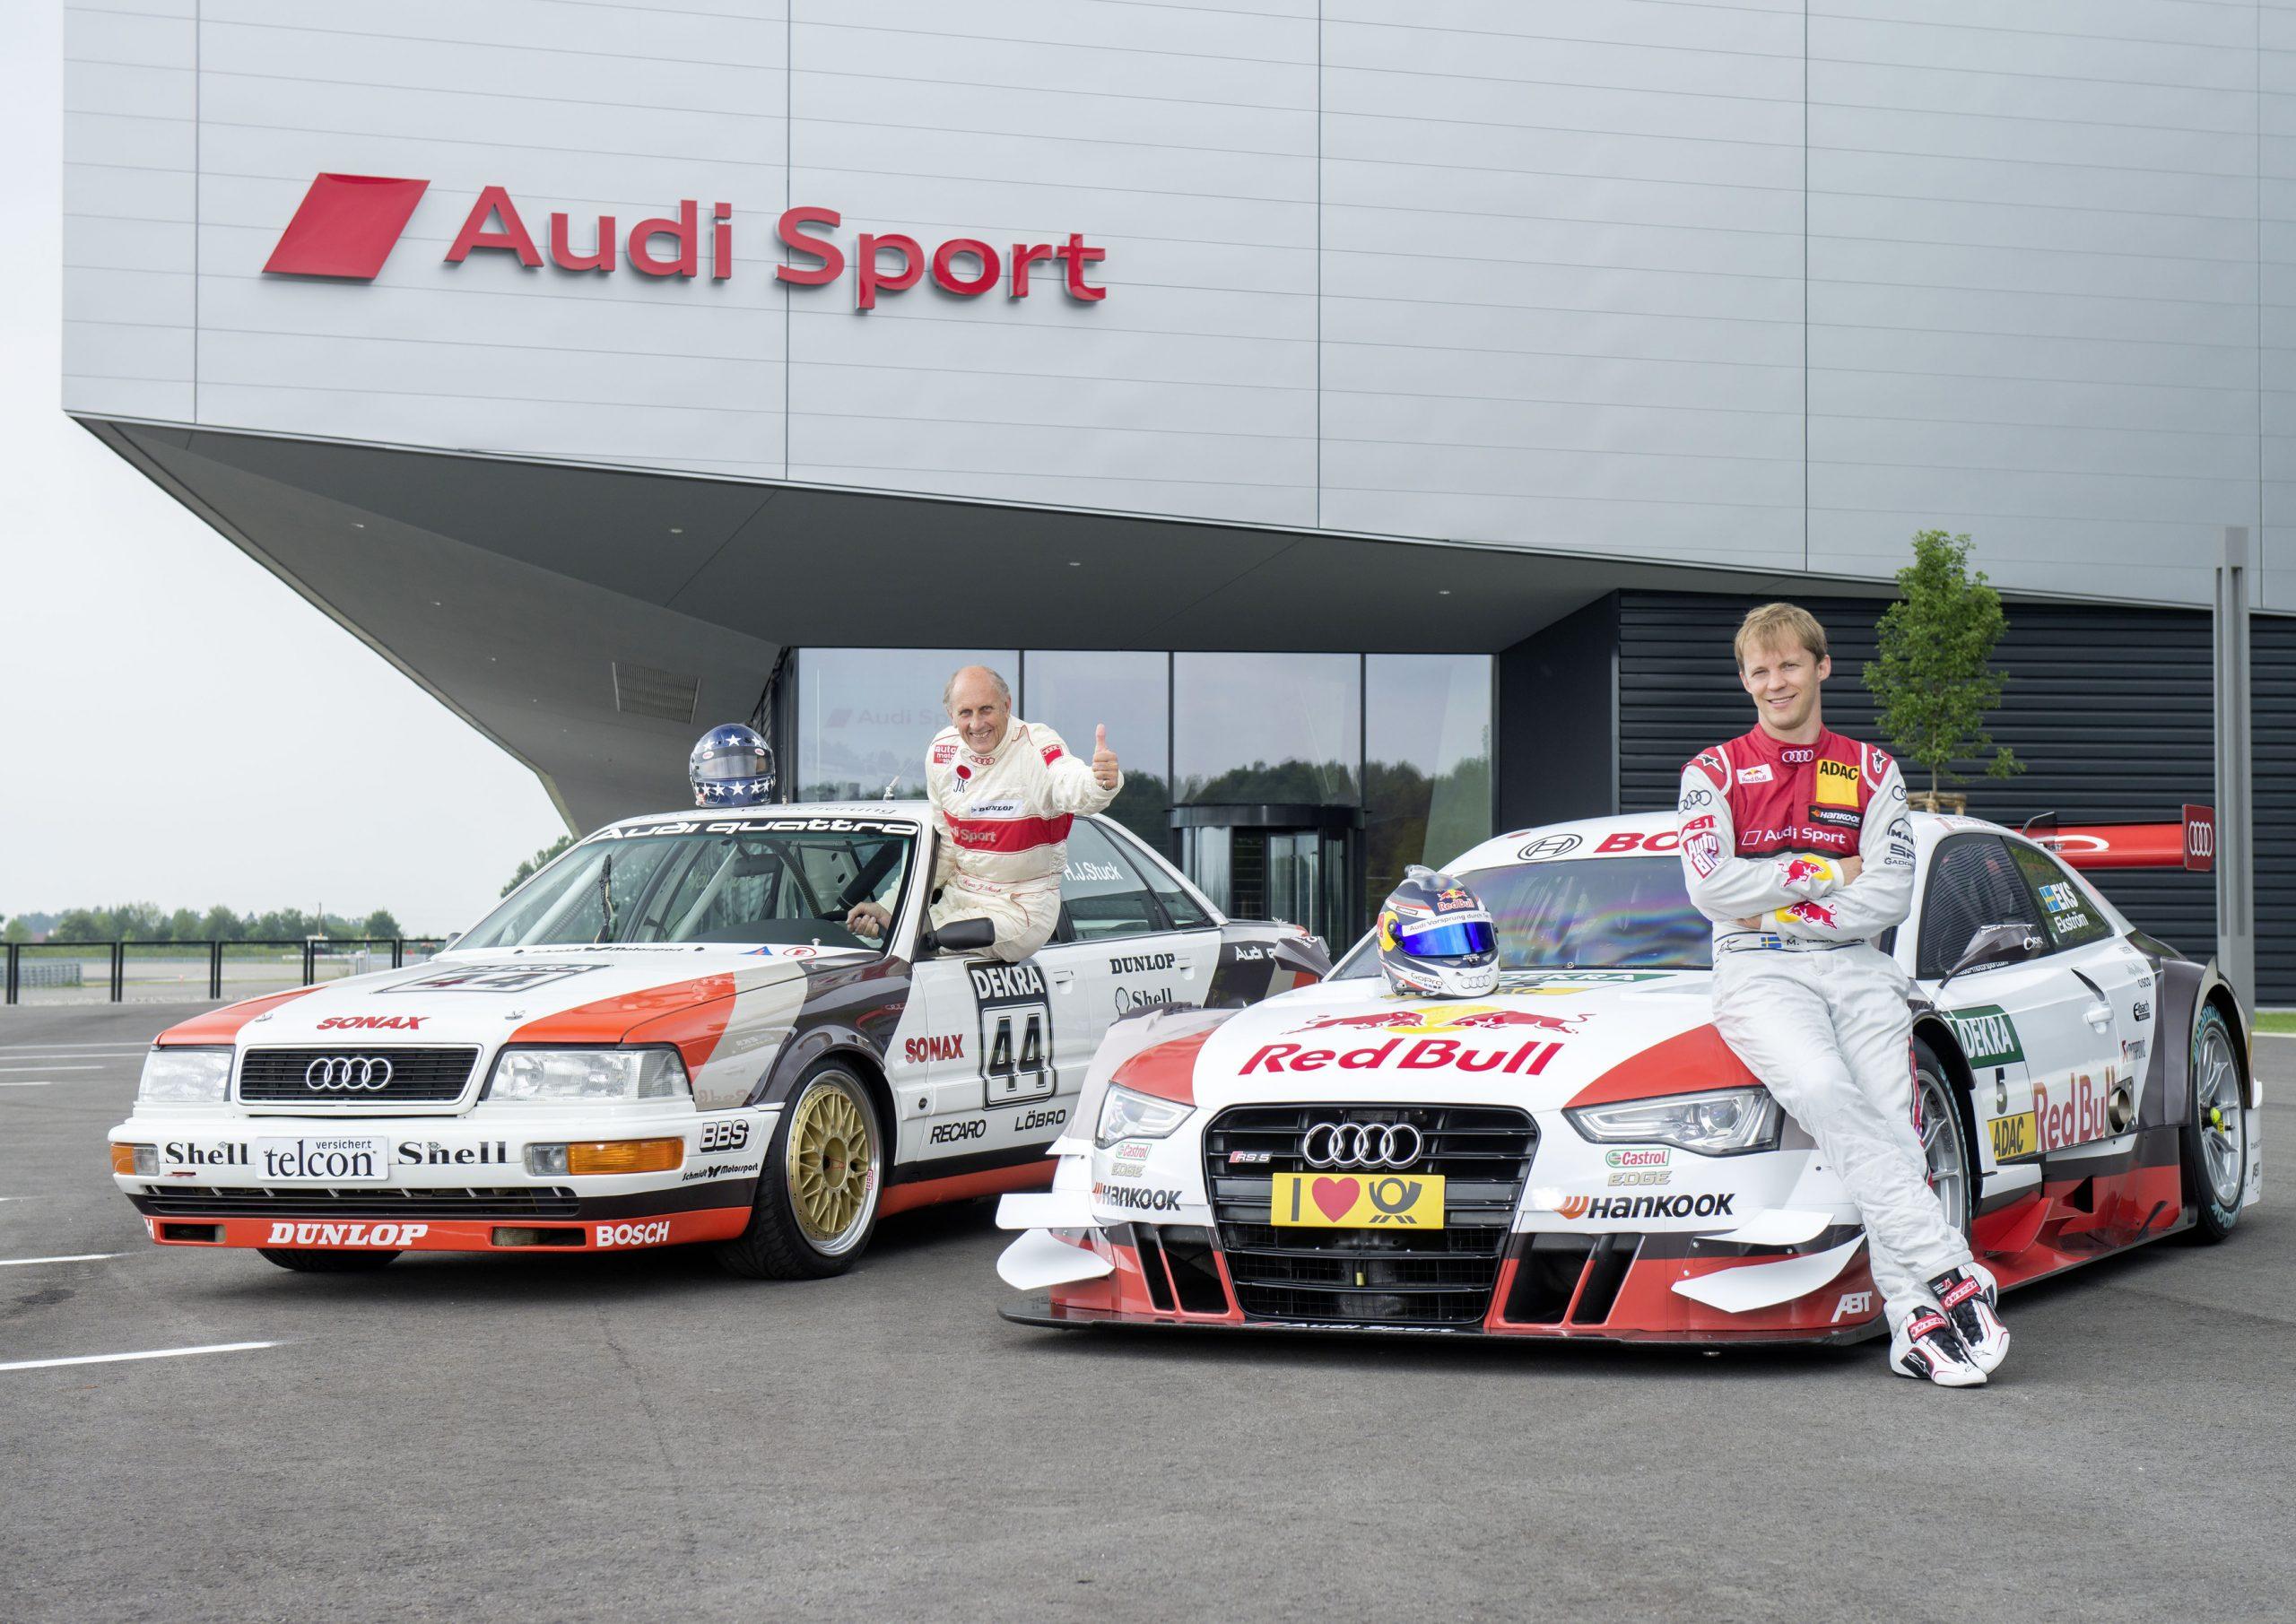 Audi V8 quattro (1990), Red Bull Audi RS 5 DTM (2015), Hans-Joachim Stuck, Mattias Ekström